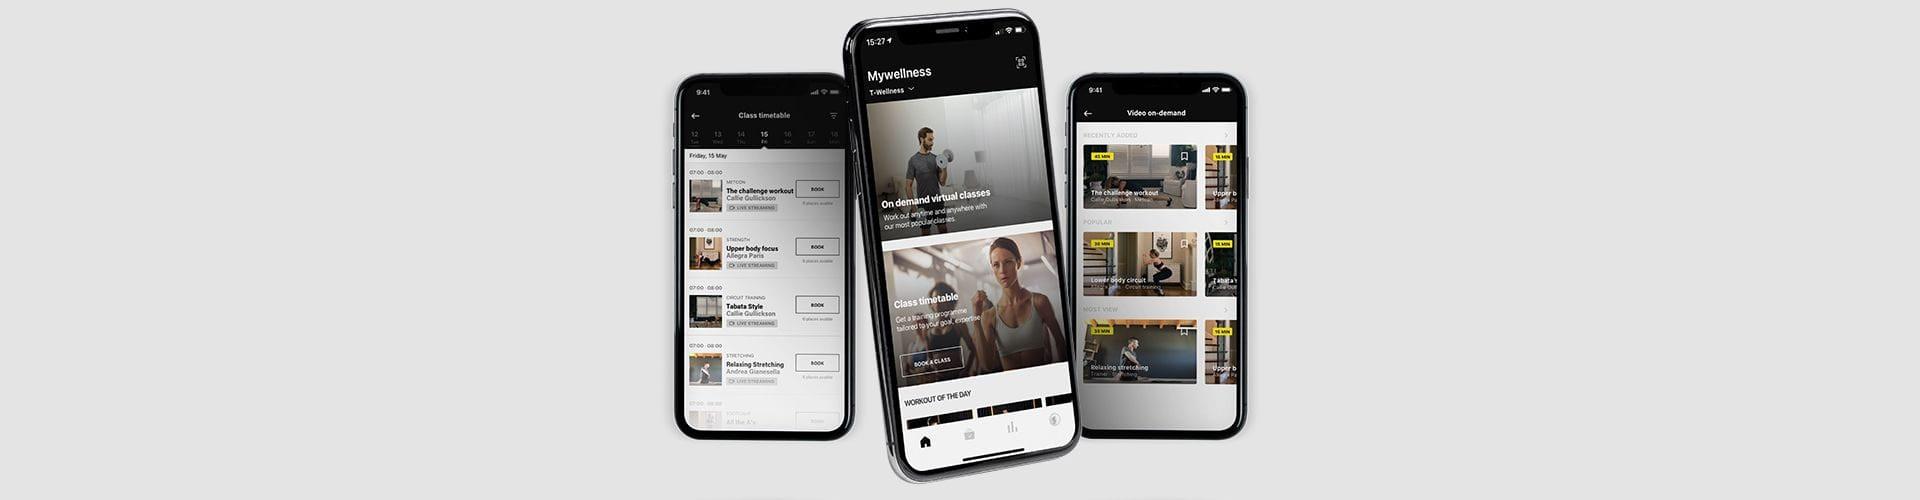 En digital mobil träningsupplevelse